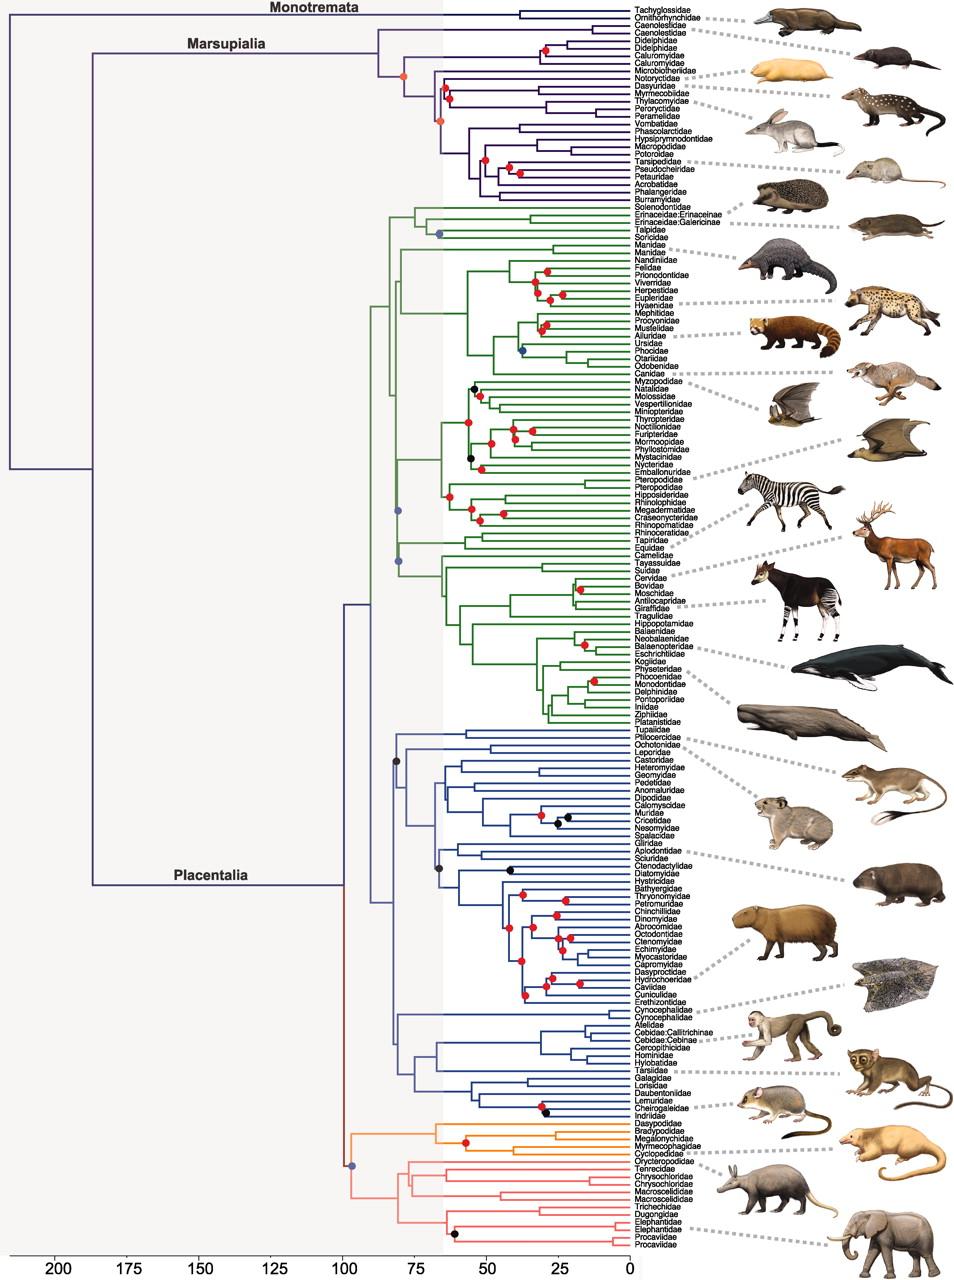 Genética de poblaciones humanas. Árboles filogenéticos Dibujo20111028_new_phylogenetic_time_tree_of_mammalian_families_published_in_science